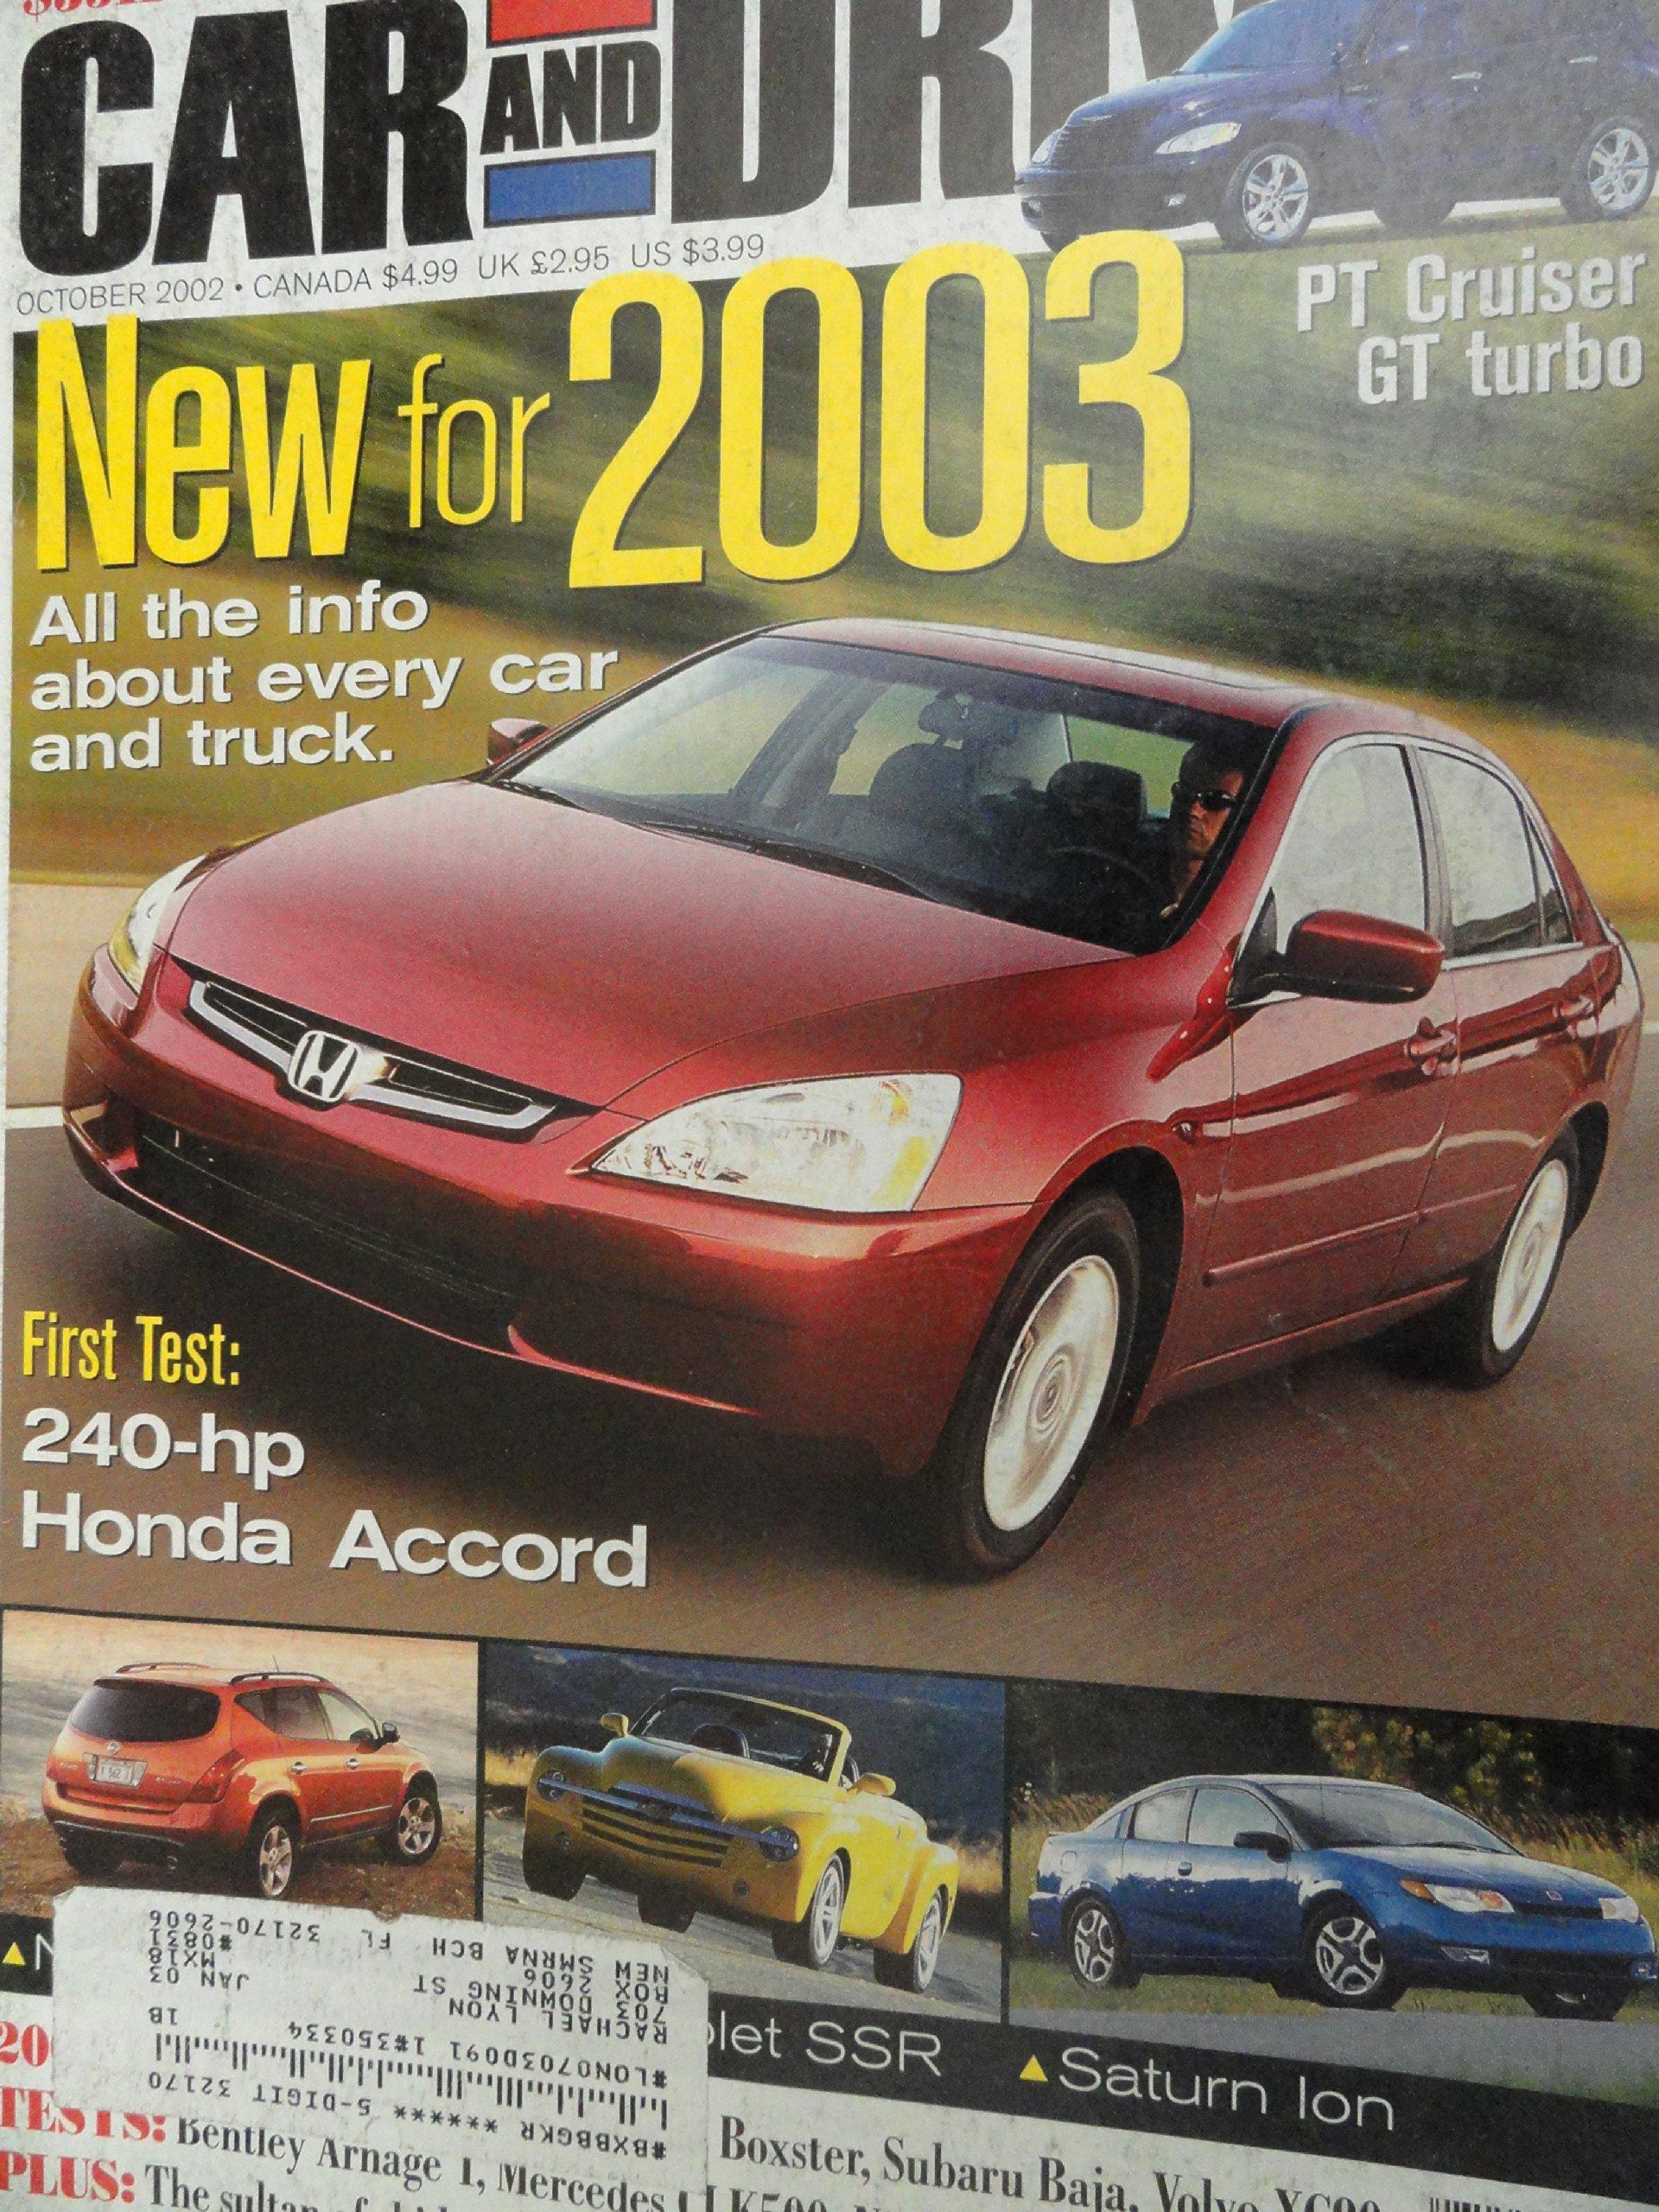 2003 Honda Accord EX V-6 / Mercedes Benz CLK 500 / Acura TL / Audi A4 / BMW 330i / Infiniti G35 / Mercedes C320 / VW Passat Road Test Paperback – 2003